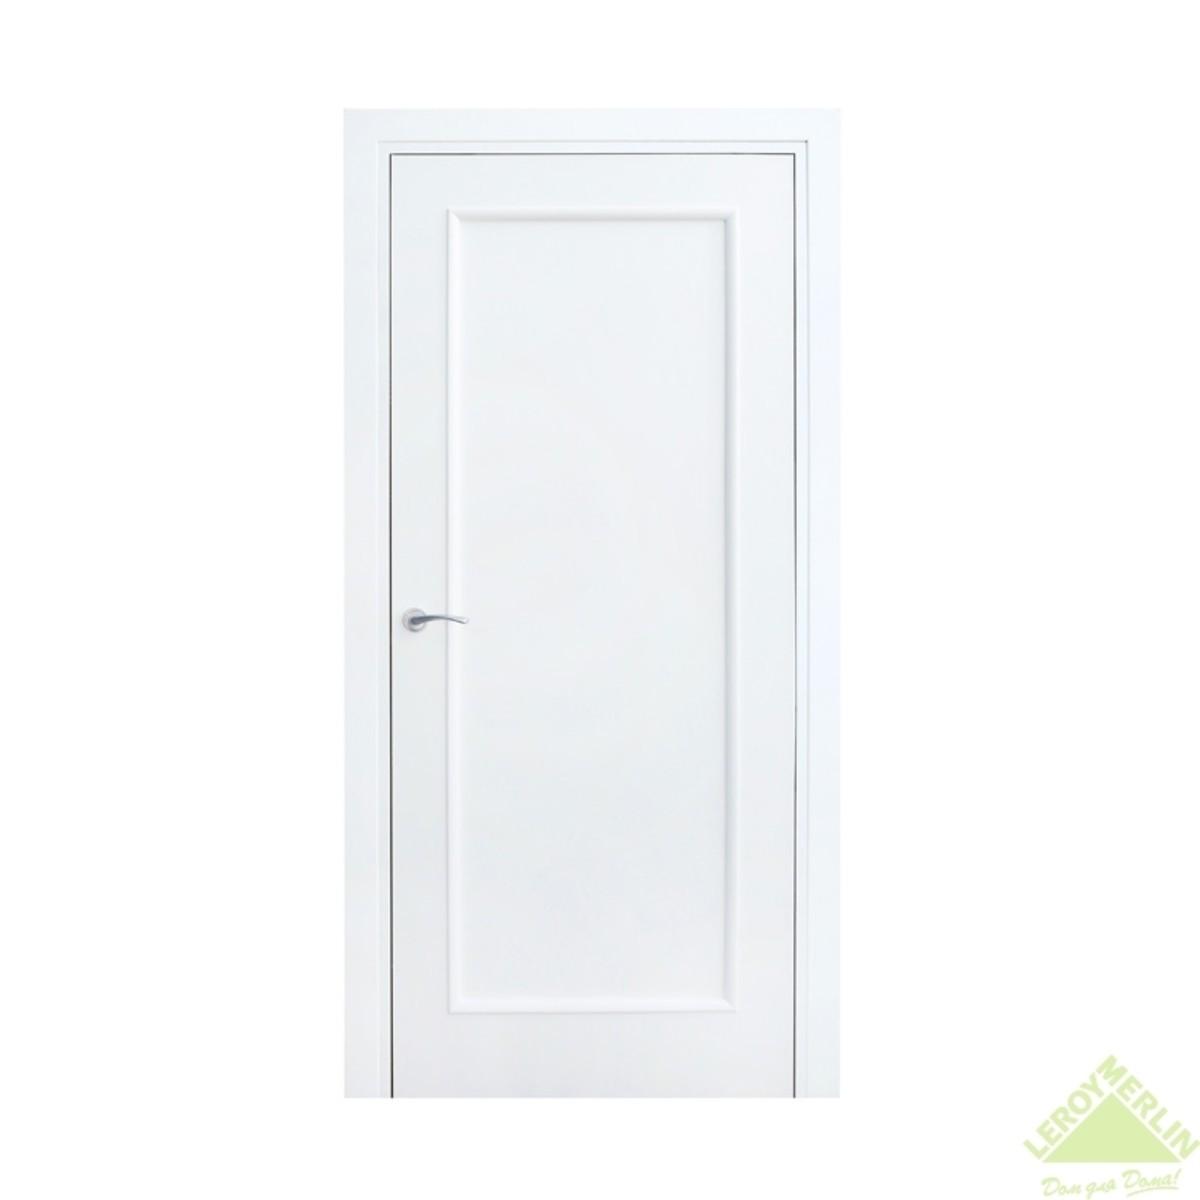 Дверь межкомнатная глухая Фортунато 810 600x2000 мм белый